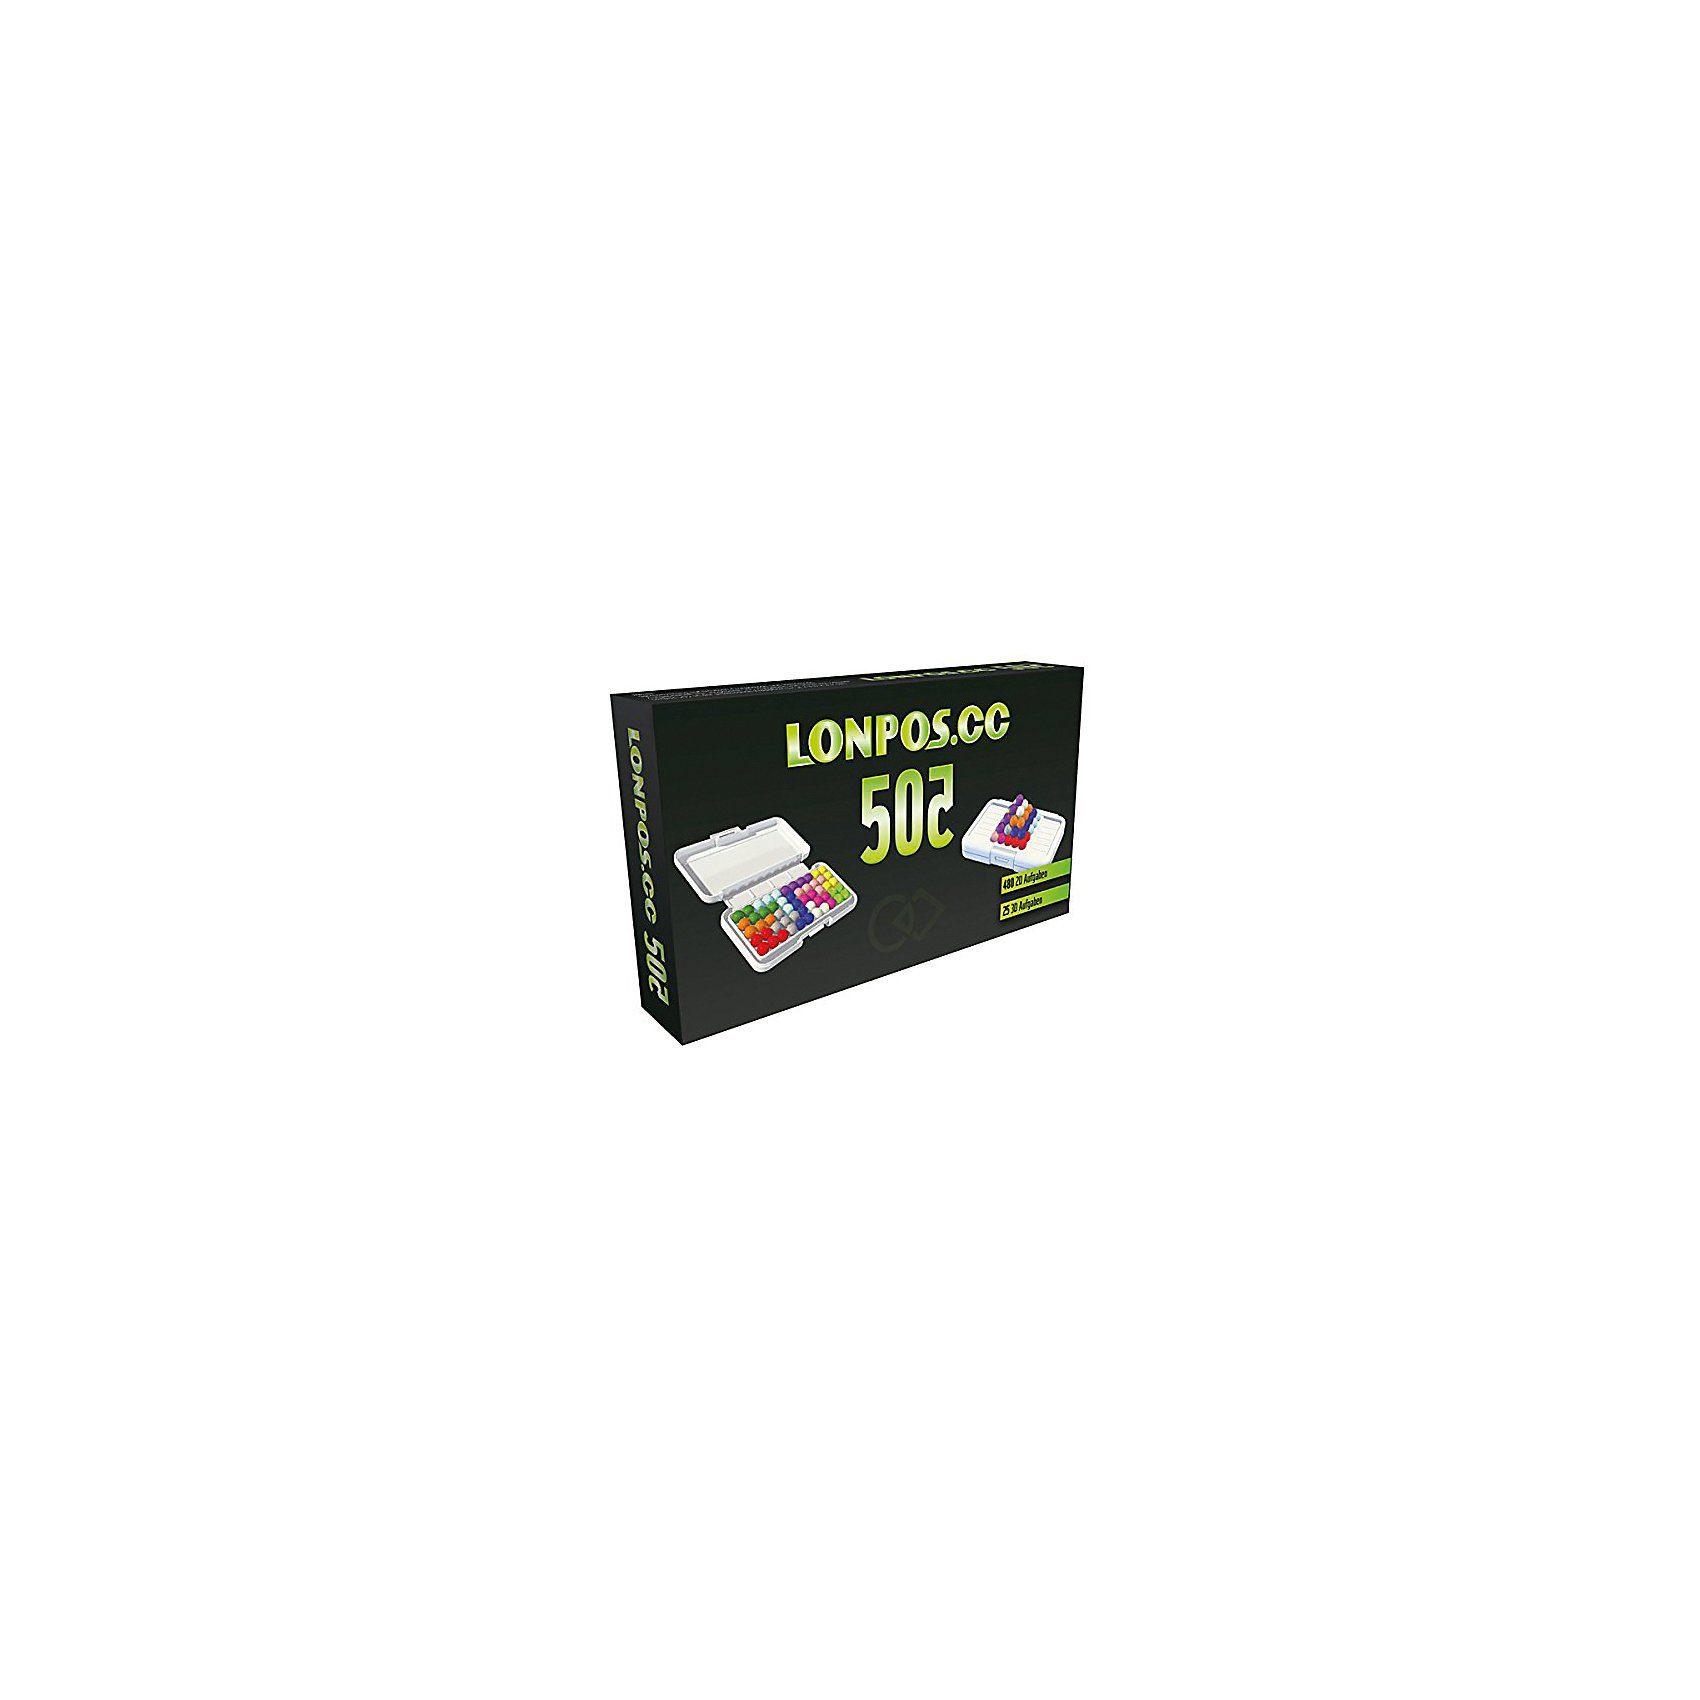 Denk- und Logikspiel Lonpos 505